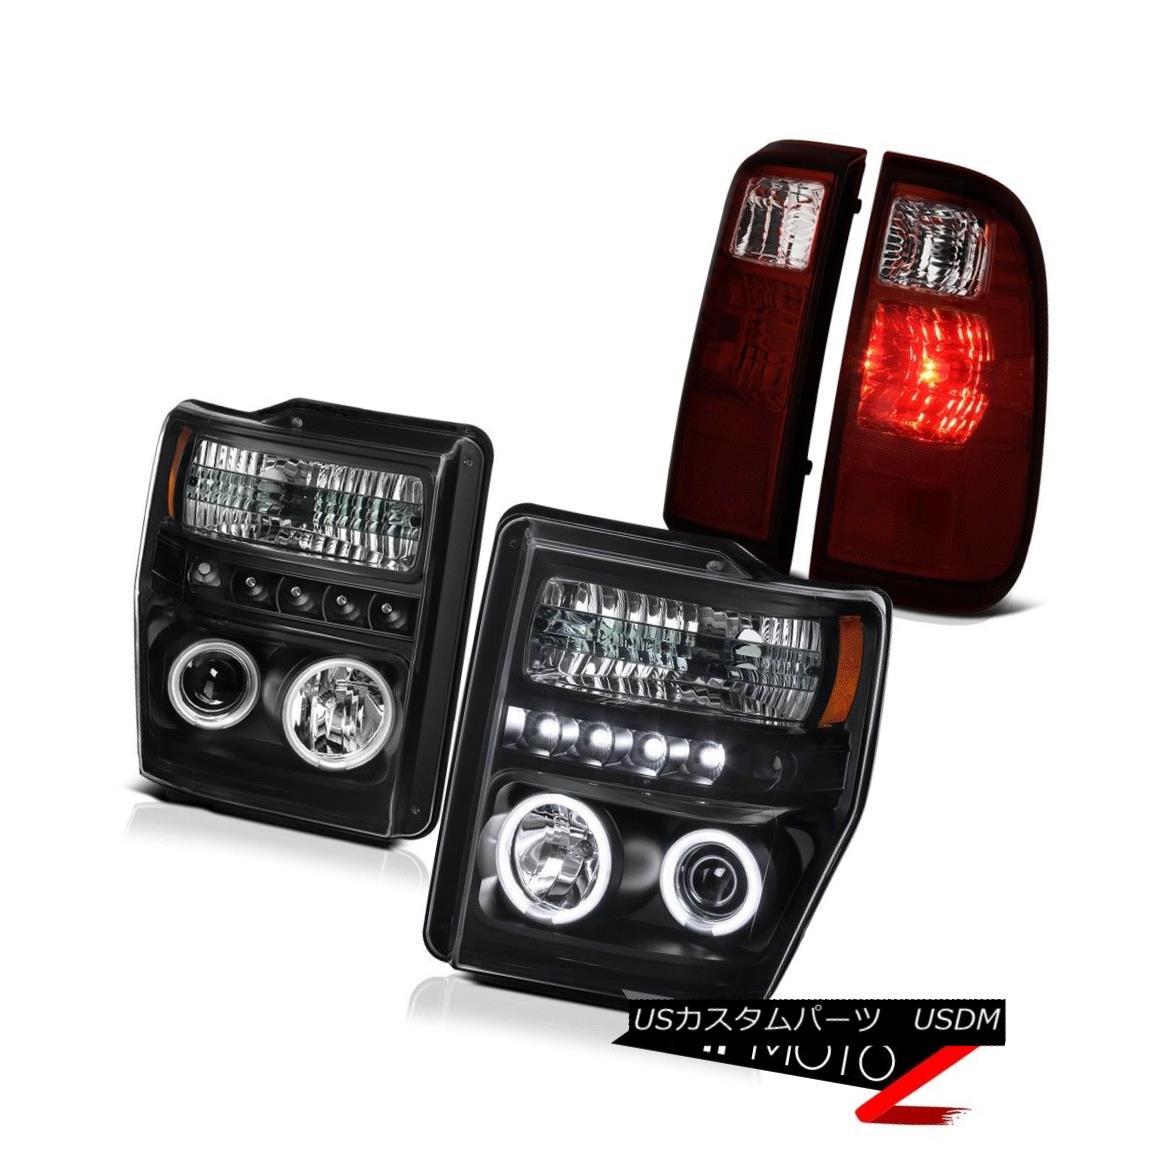 ヘッドライト 2008-2010 Ford F350 Angel Eye DRL Projector Headlights Red LED Brake Tail Lights 2008-2010フォードF350エンジェルアイDRLプロジェクターヘッドライト赤LEDブレーキテールライト